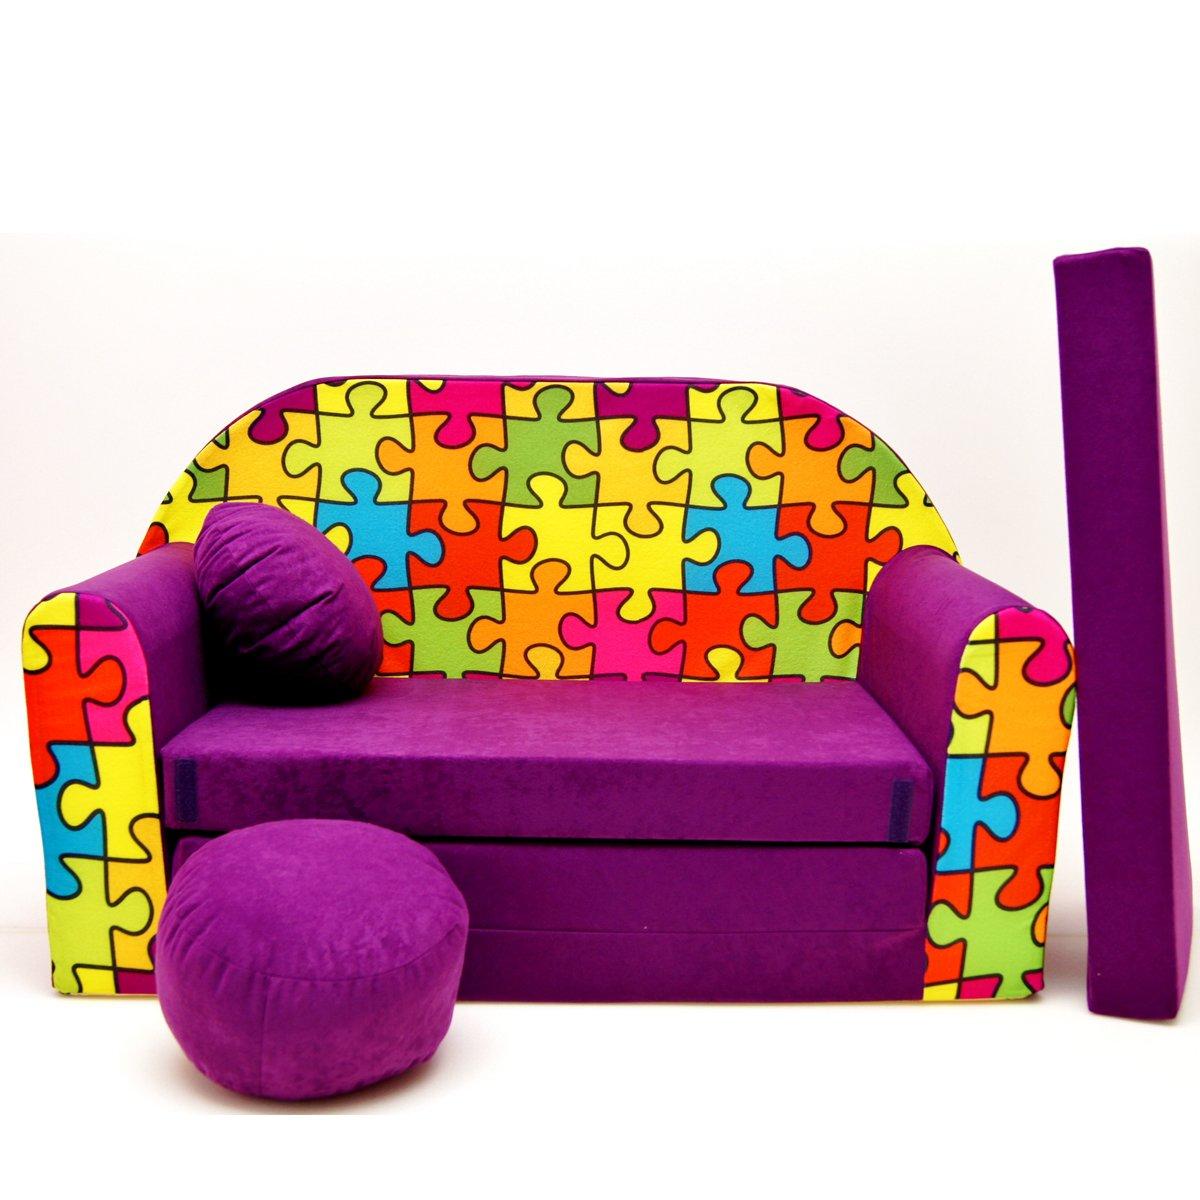 Kindersofa Kinder Sofa Couch Baby Schlafsofa Kinderzimmer Bett gem/ütlich verschidene Farben und motiven A14 grau Trucker